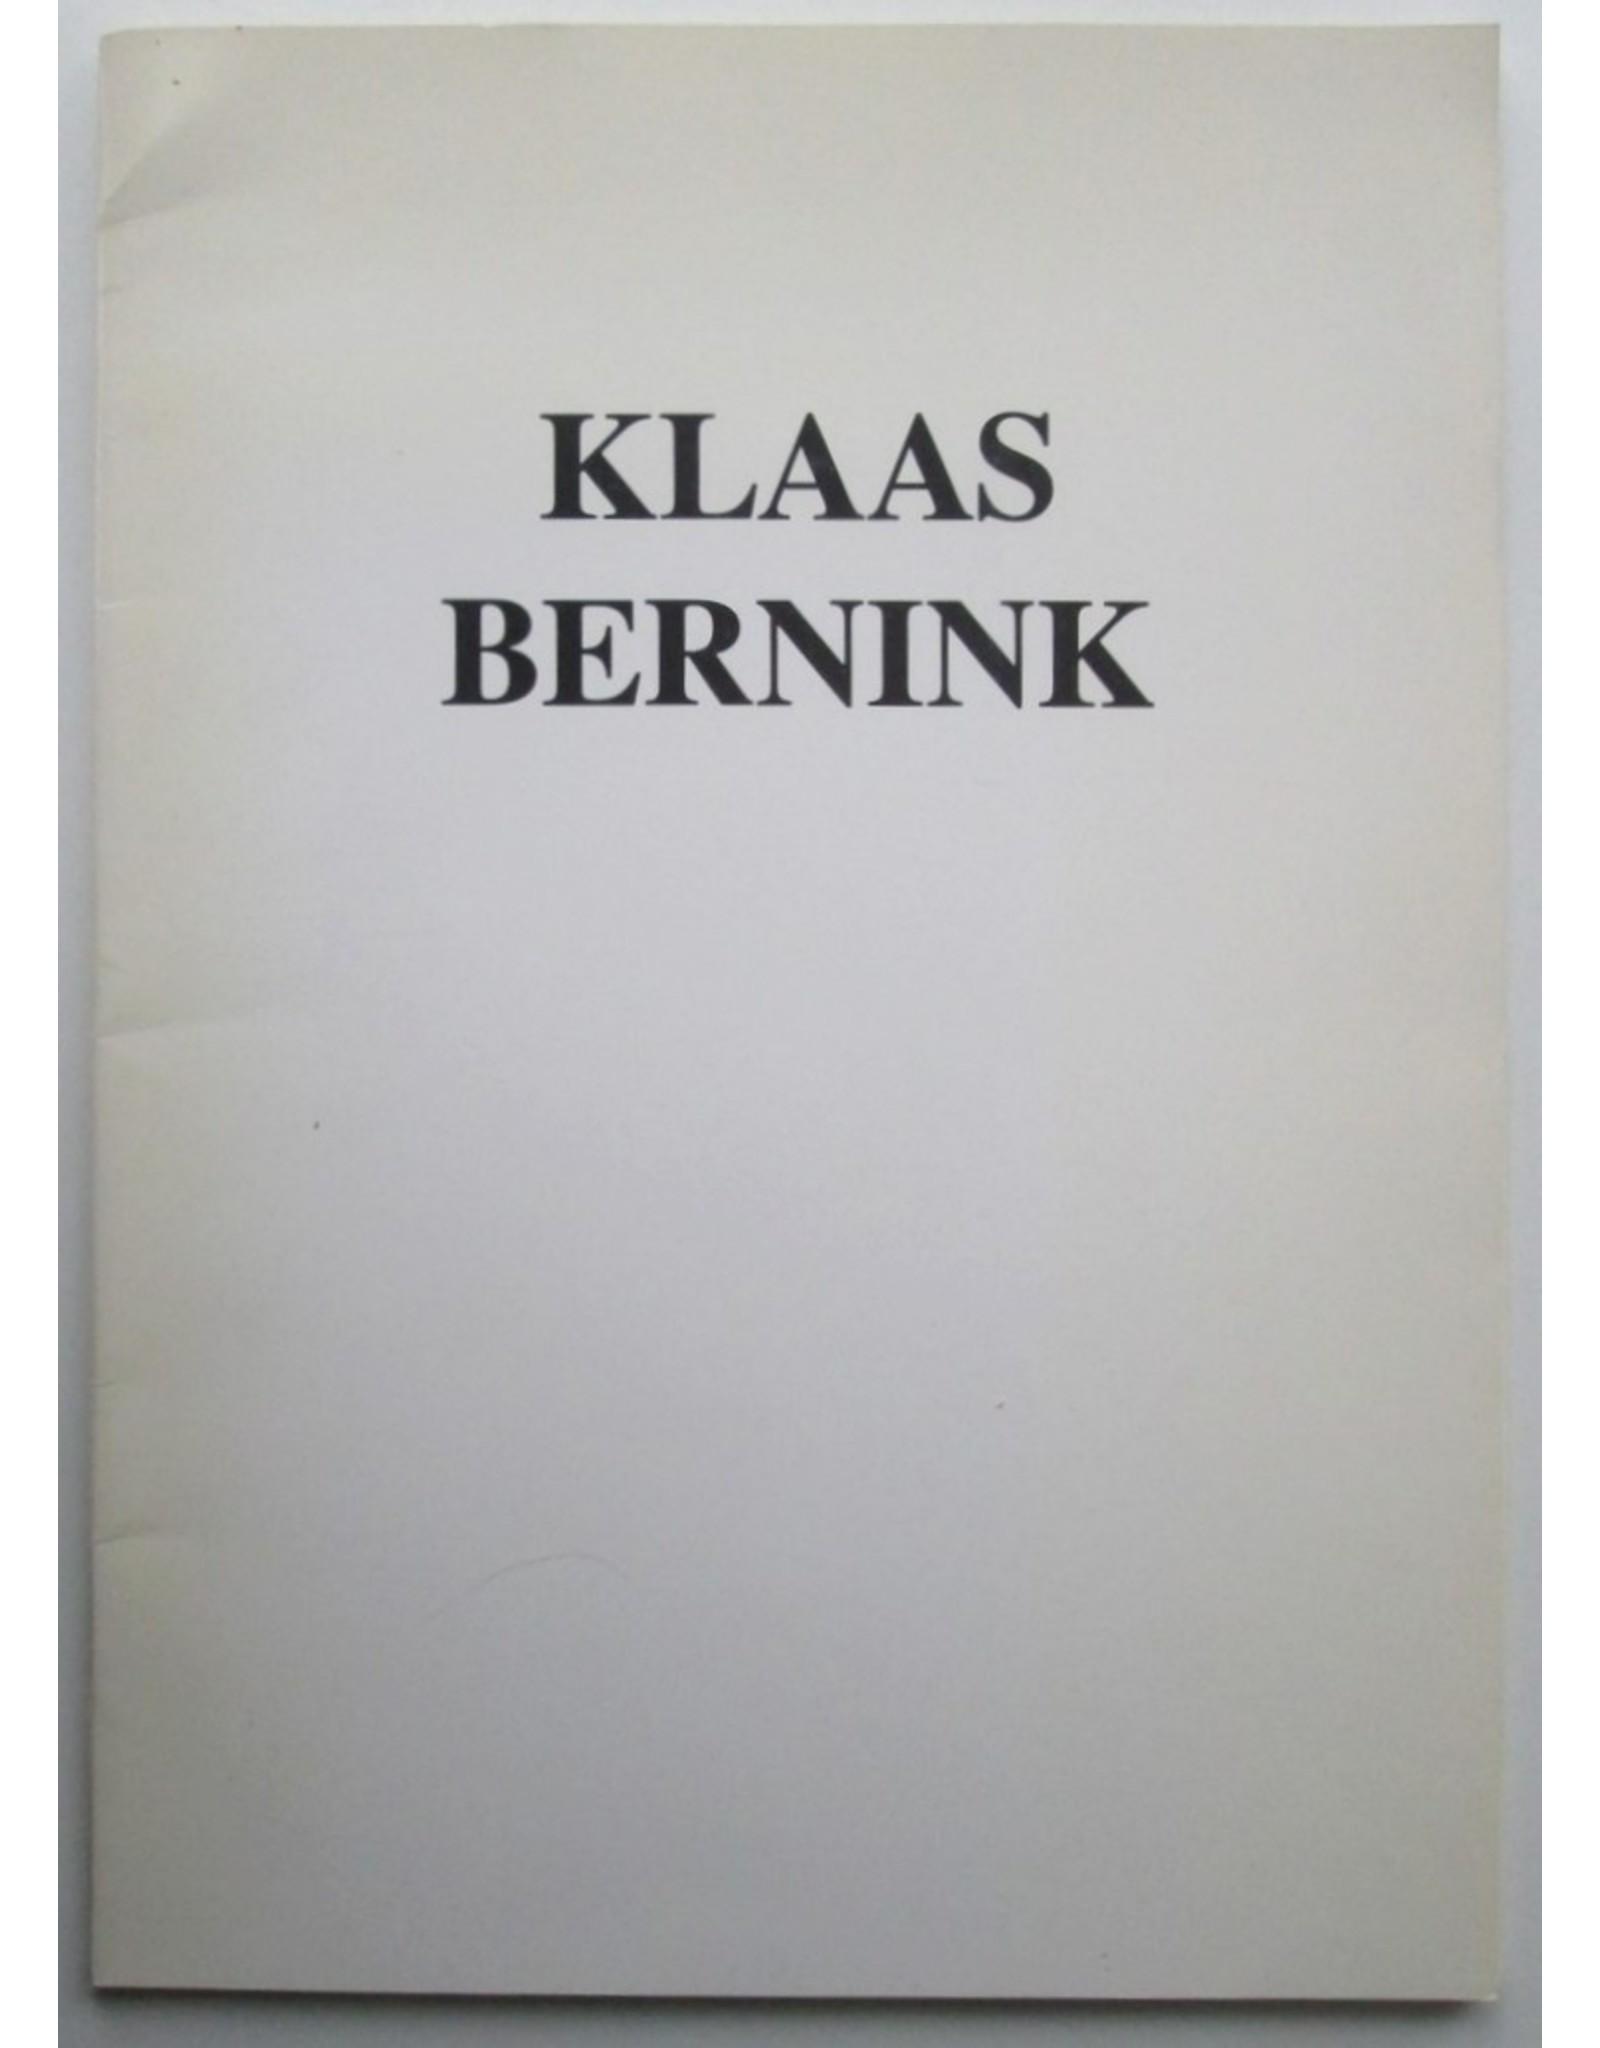 Frans Duister - Klaas Bernink